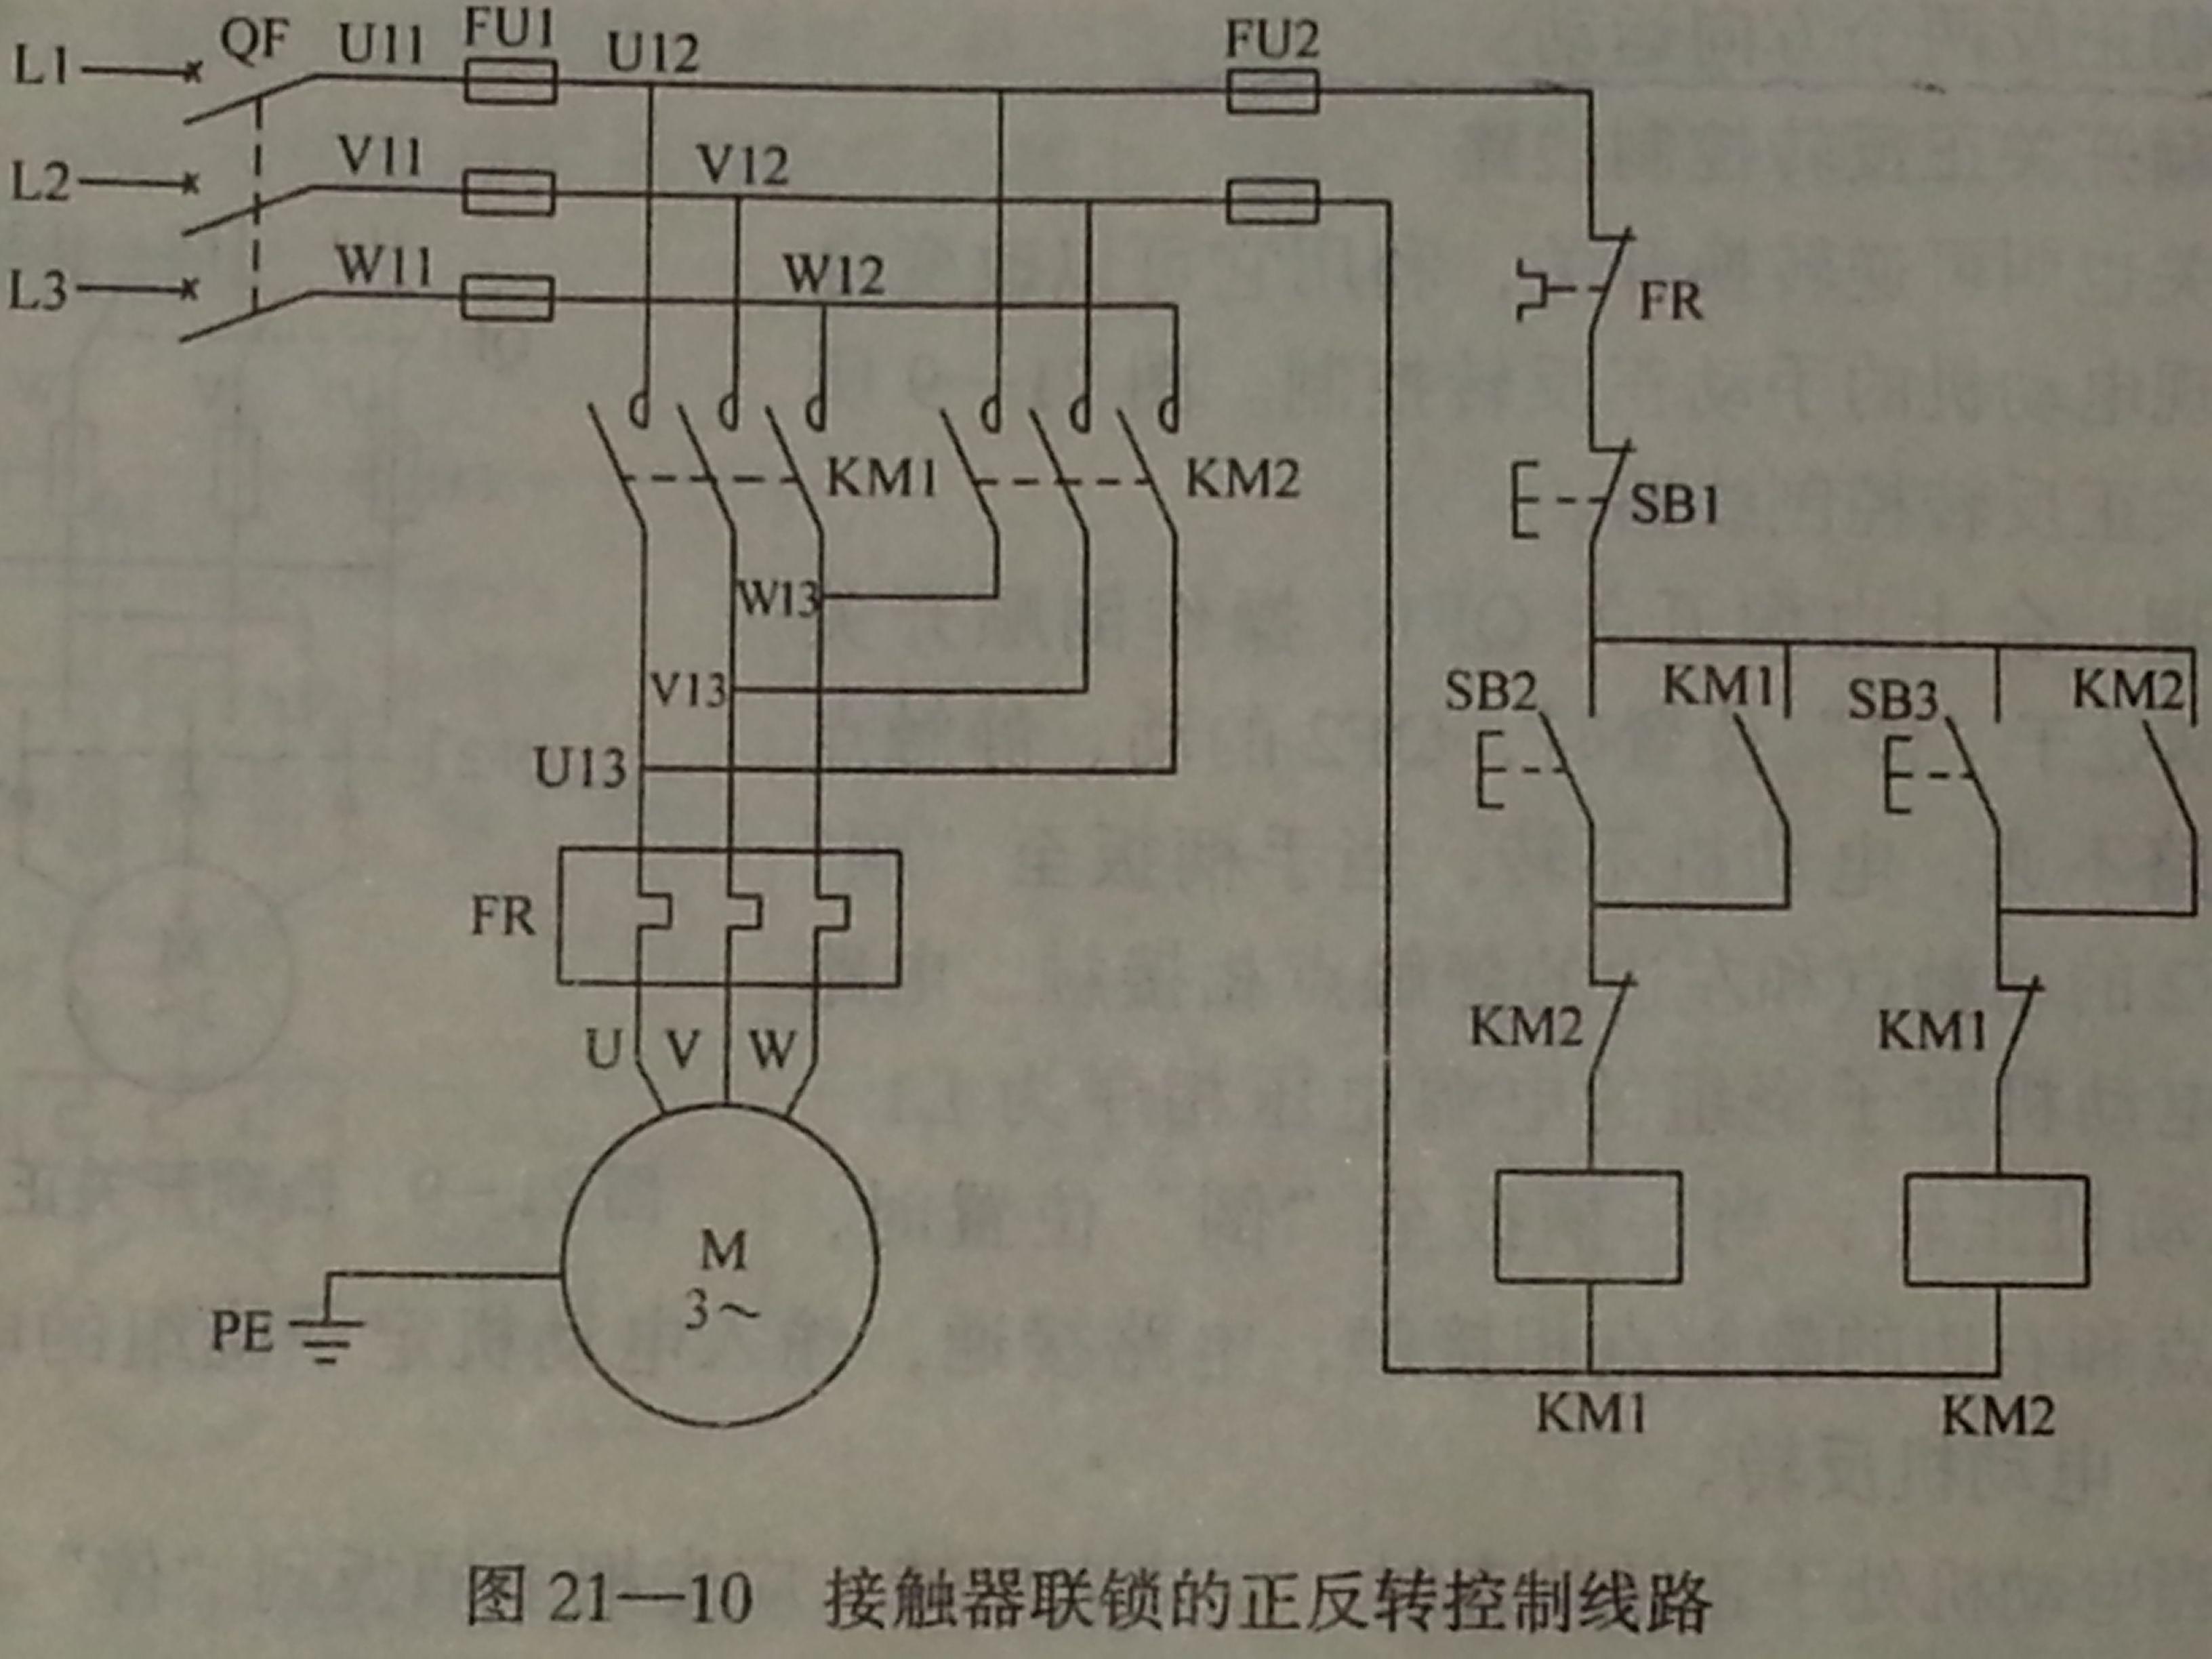 高清三相交流电 三相交流电 交流电为什么是三相图片